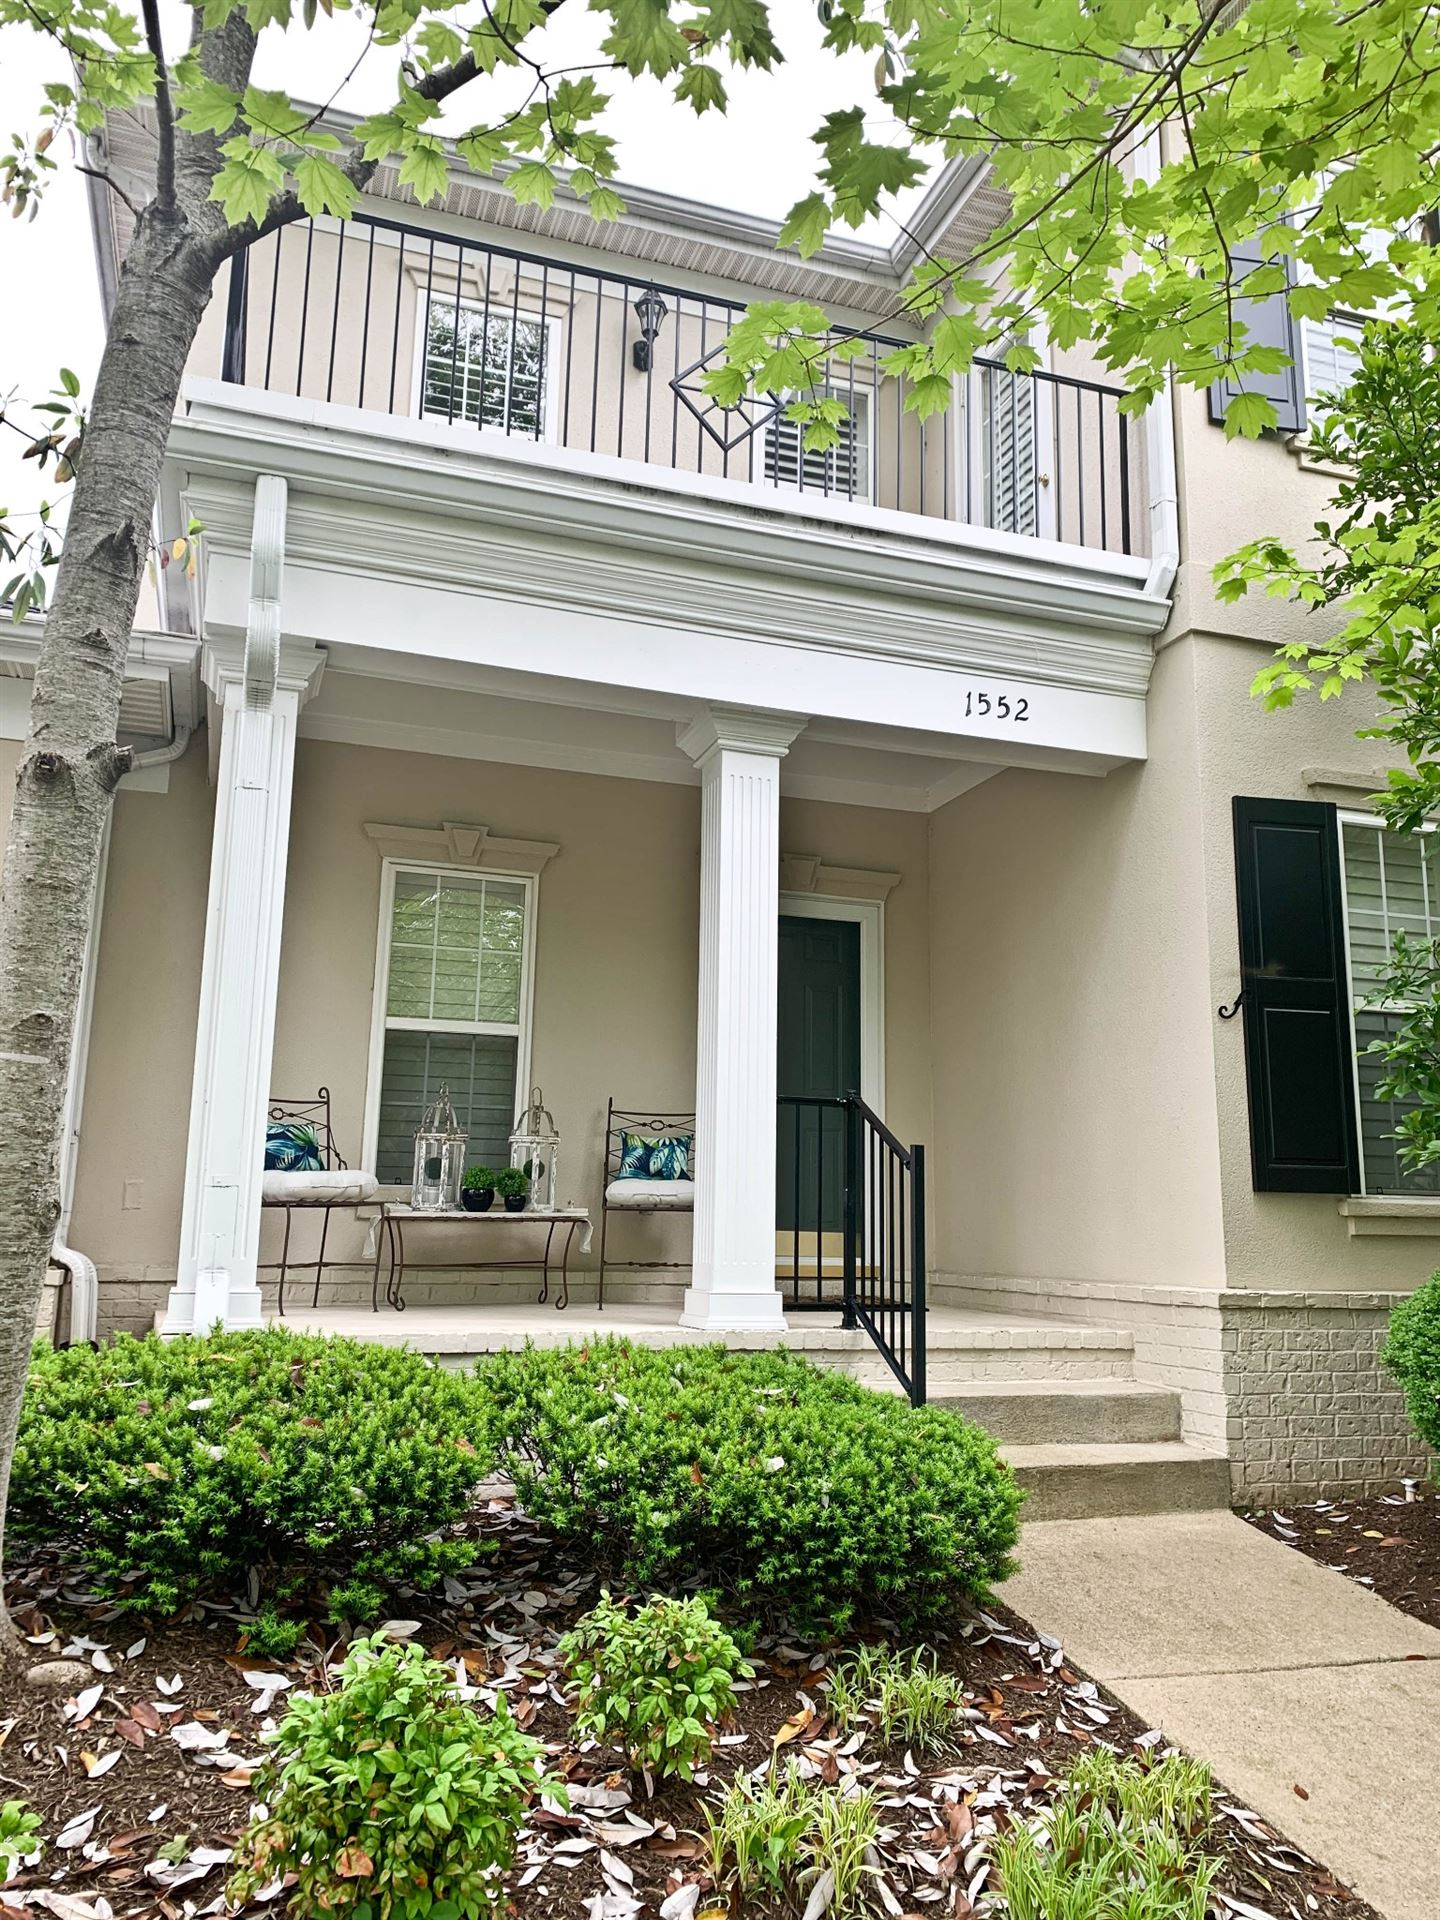 1552 Charleston Blvd, Murfreesboro, TN 37130 - MLS#: 2250171